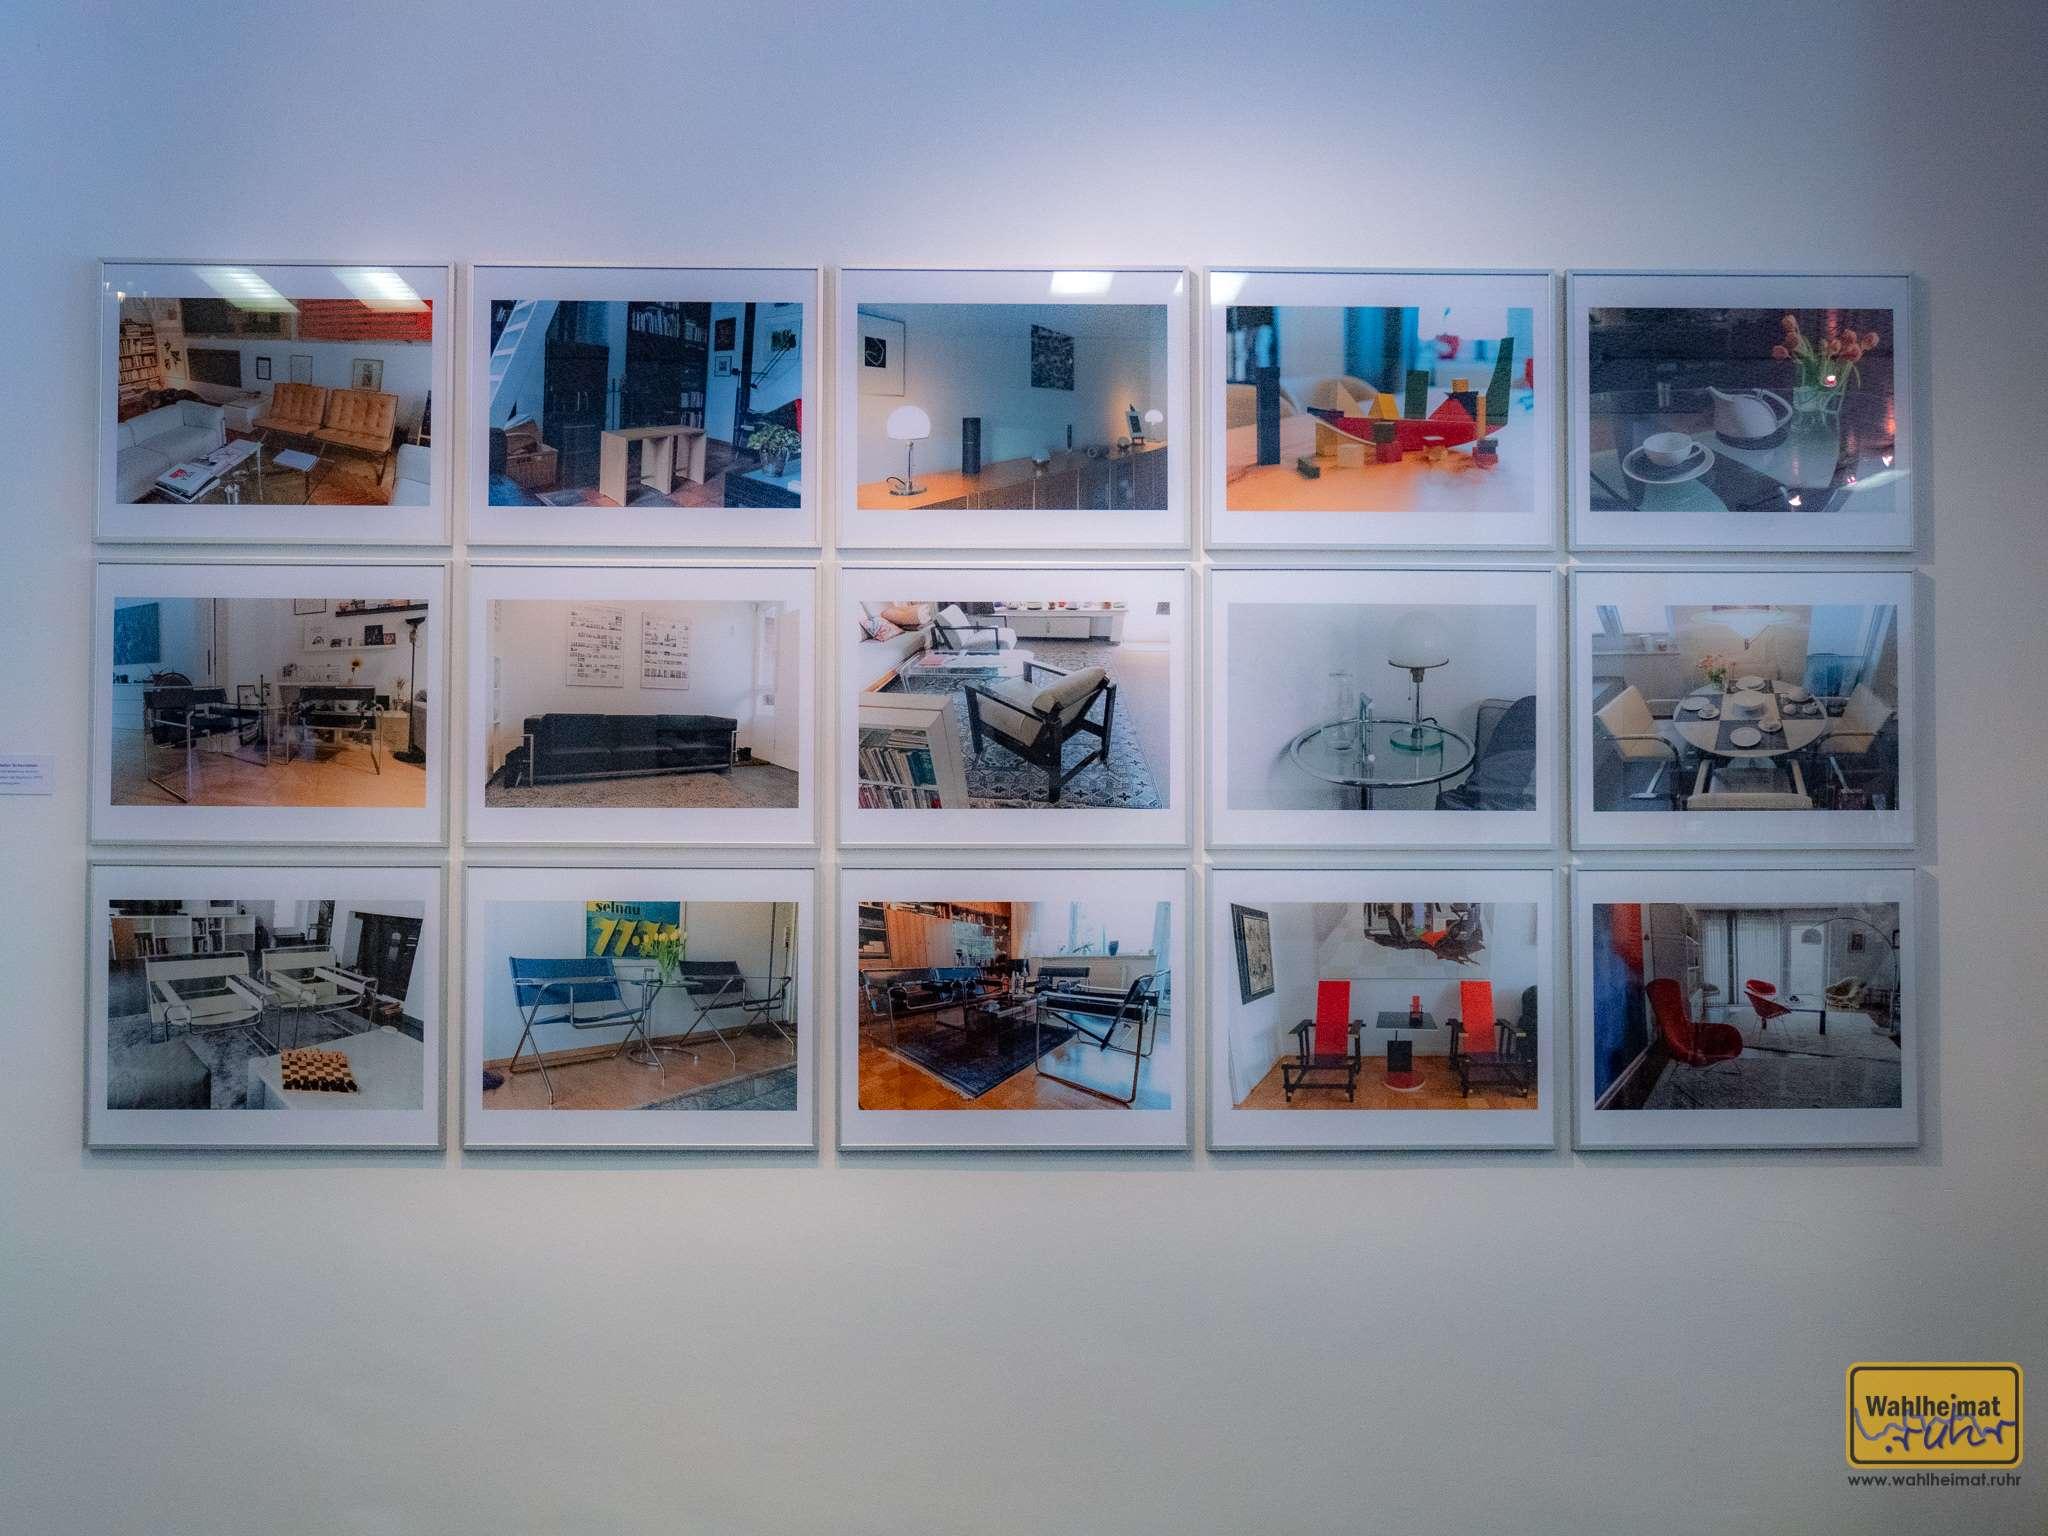 Der Stadtfotograf Walter Schernstein ging zu den Leuten nach Hause und fotografierte die Objekte in ihrem natürlichen Habitat.